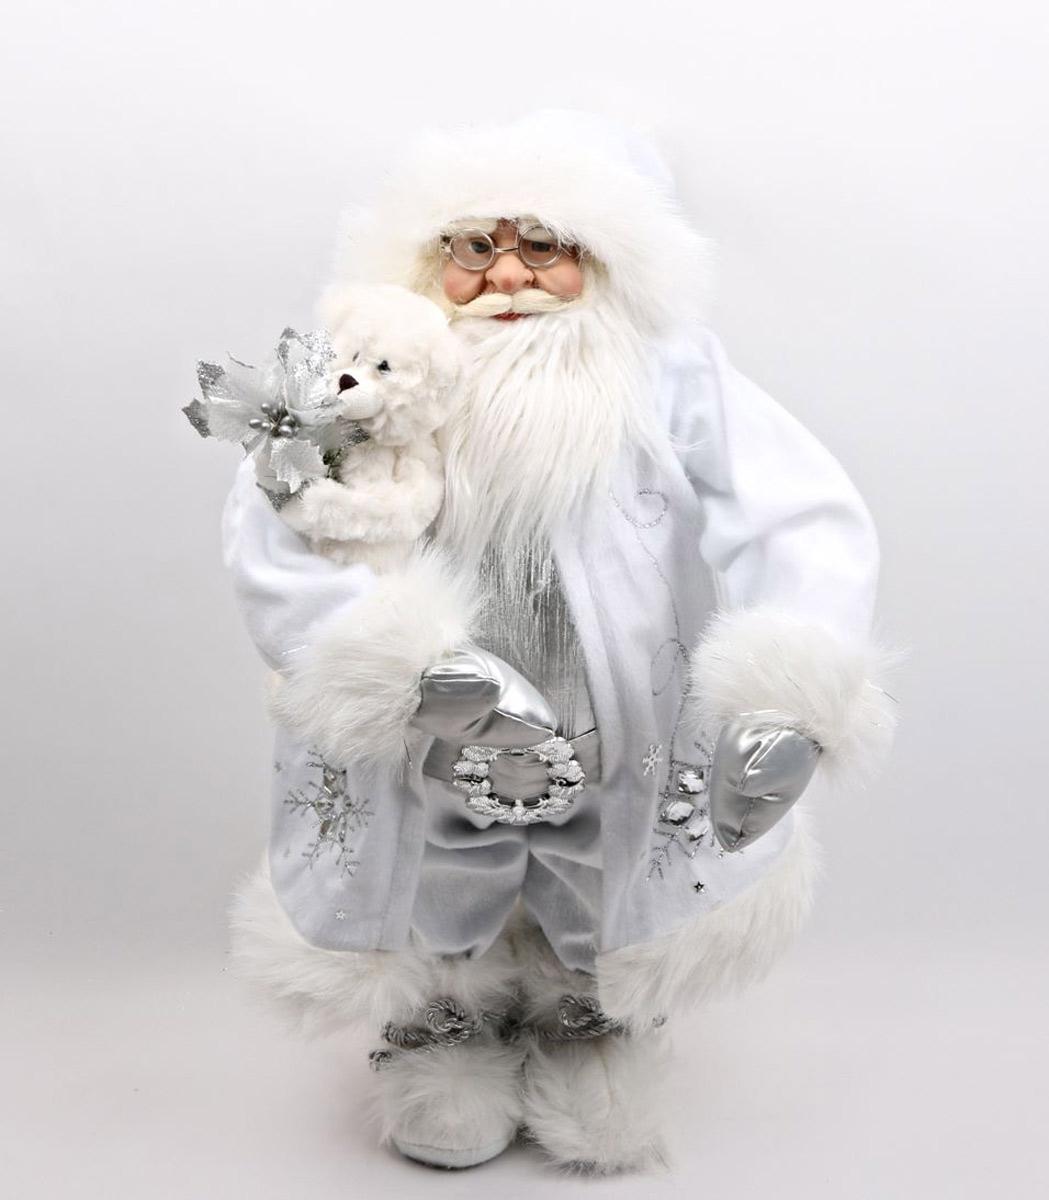 Кукла ESTRO, цвет: белый, диаметр 60 см. C21-241045NLED-454-9W-BKКукла создана вручную, неповторима и оригинальна. Порадуйте своих друзей и близких этим замечательным подарком!